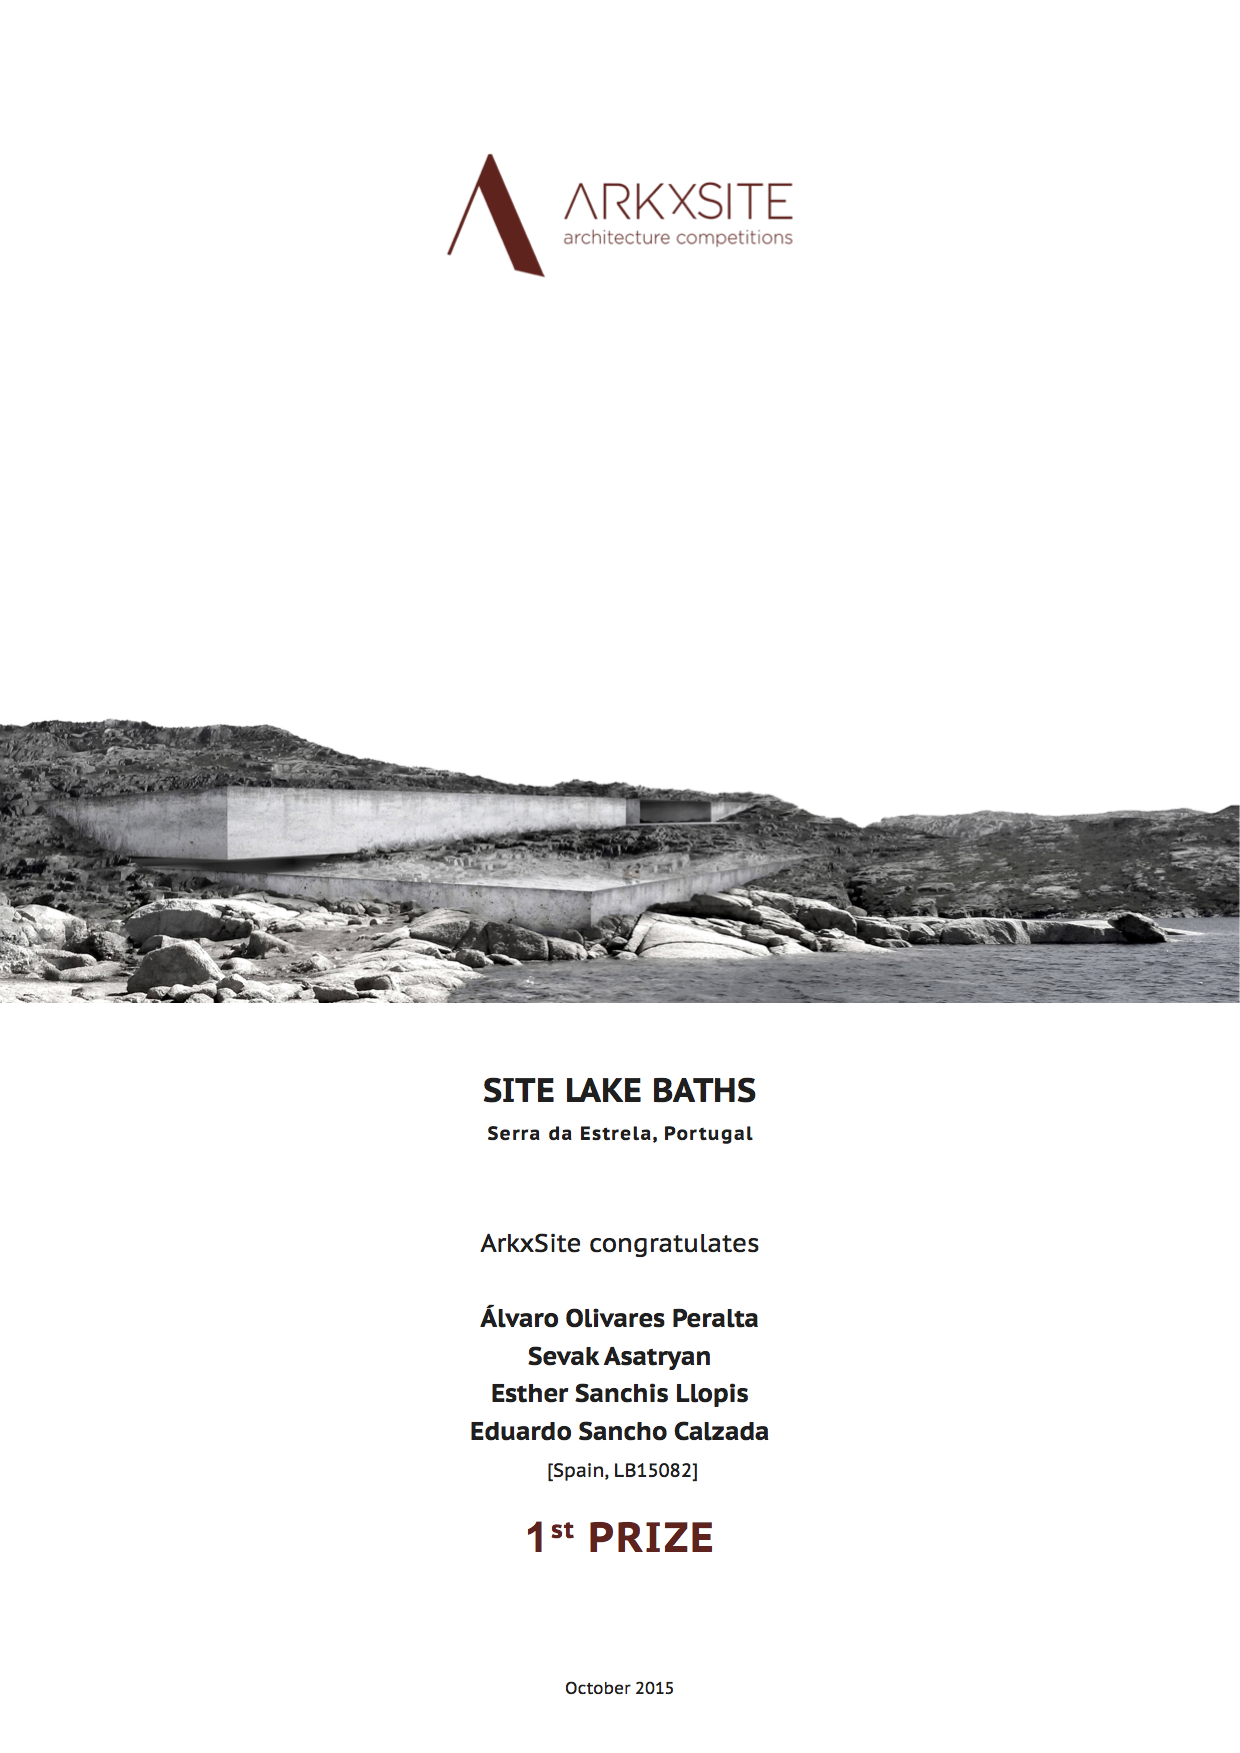 LakeBaths_1Prize.jpg